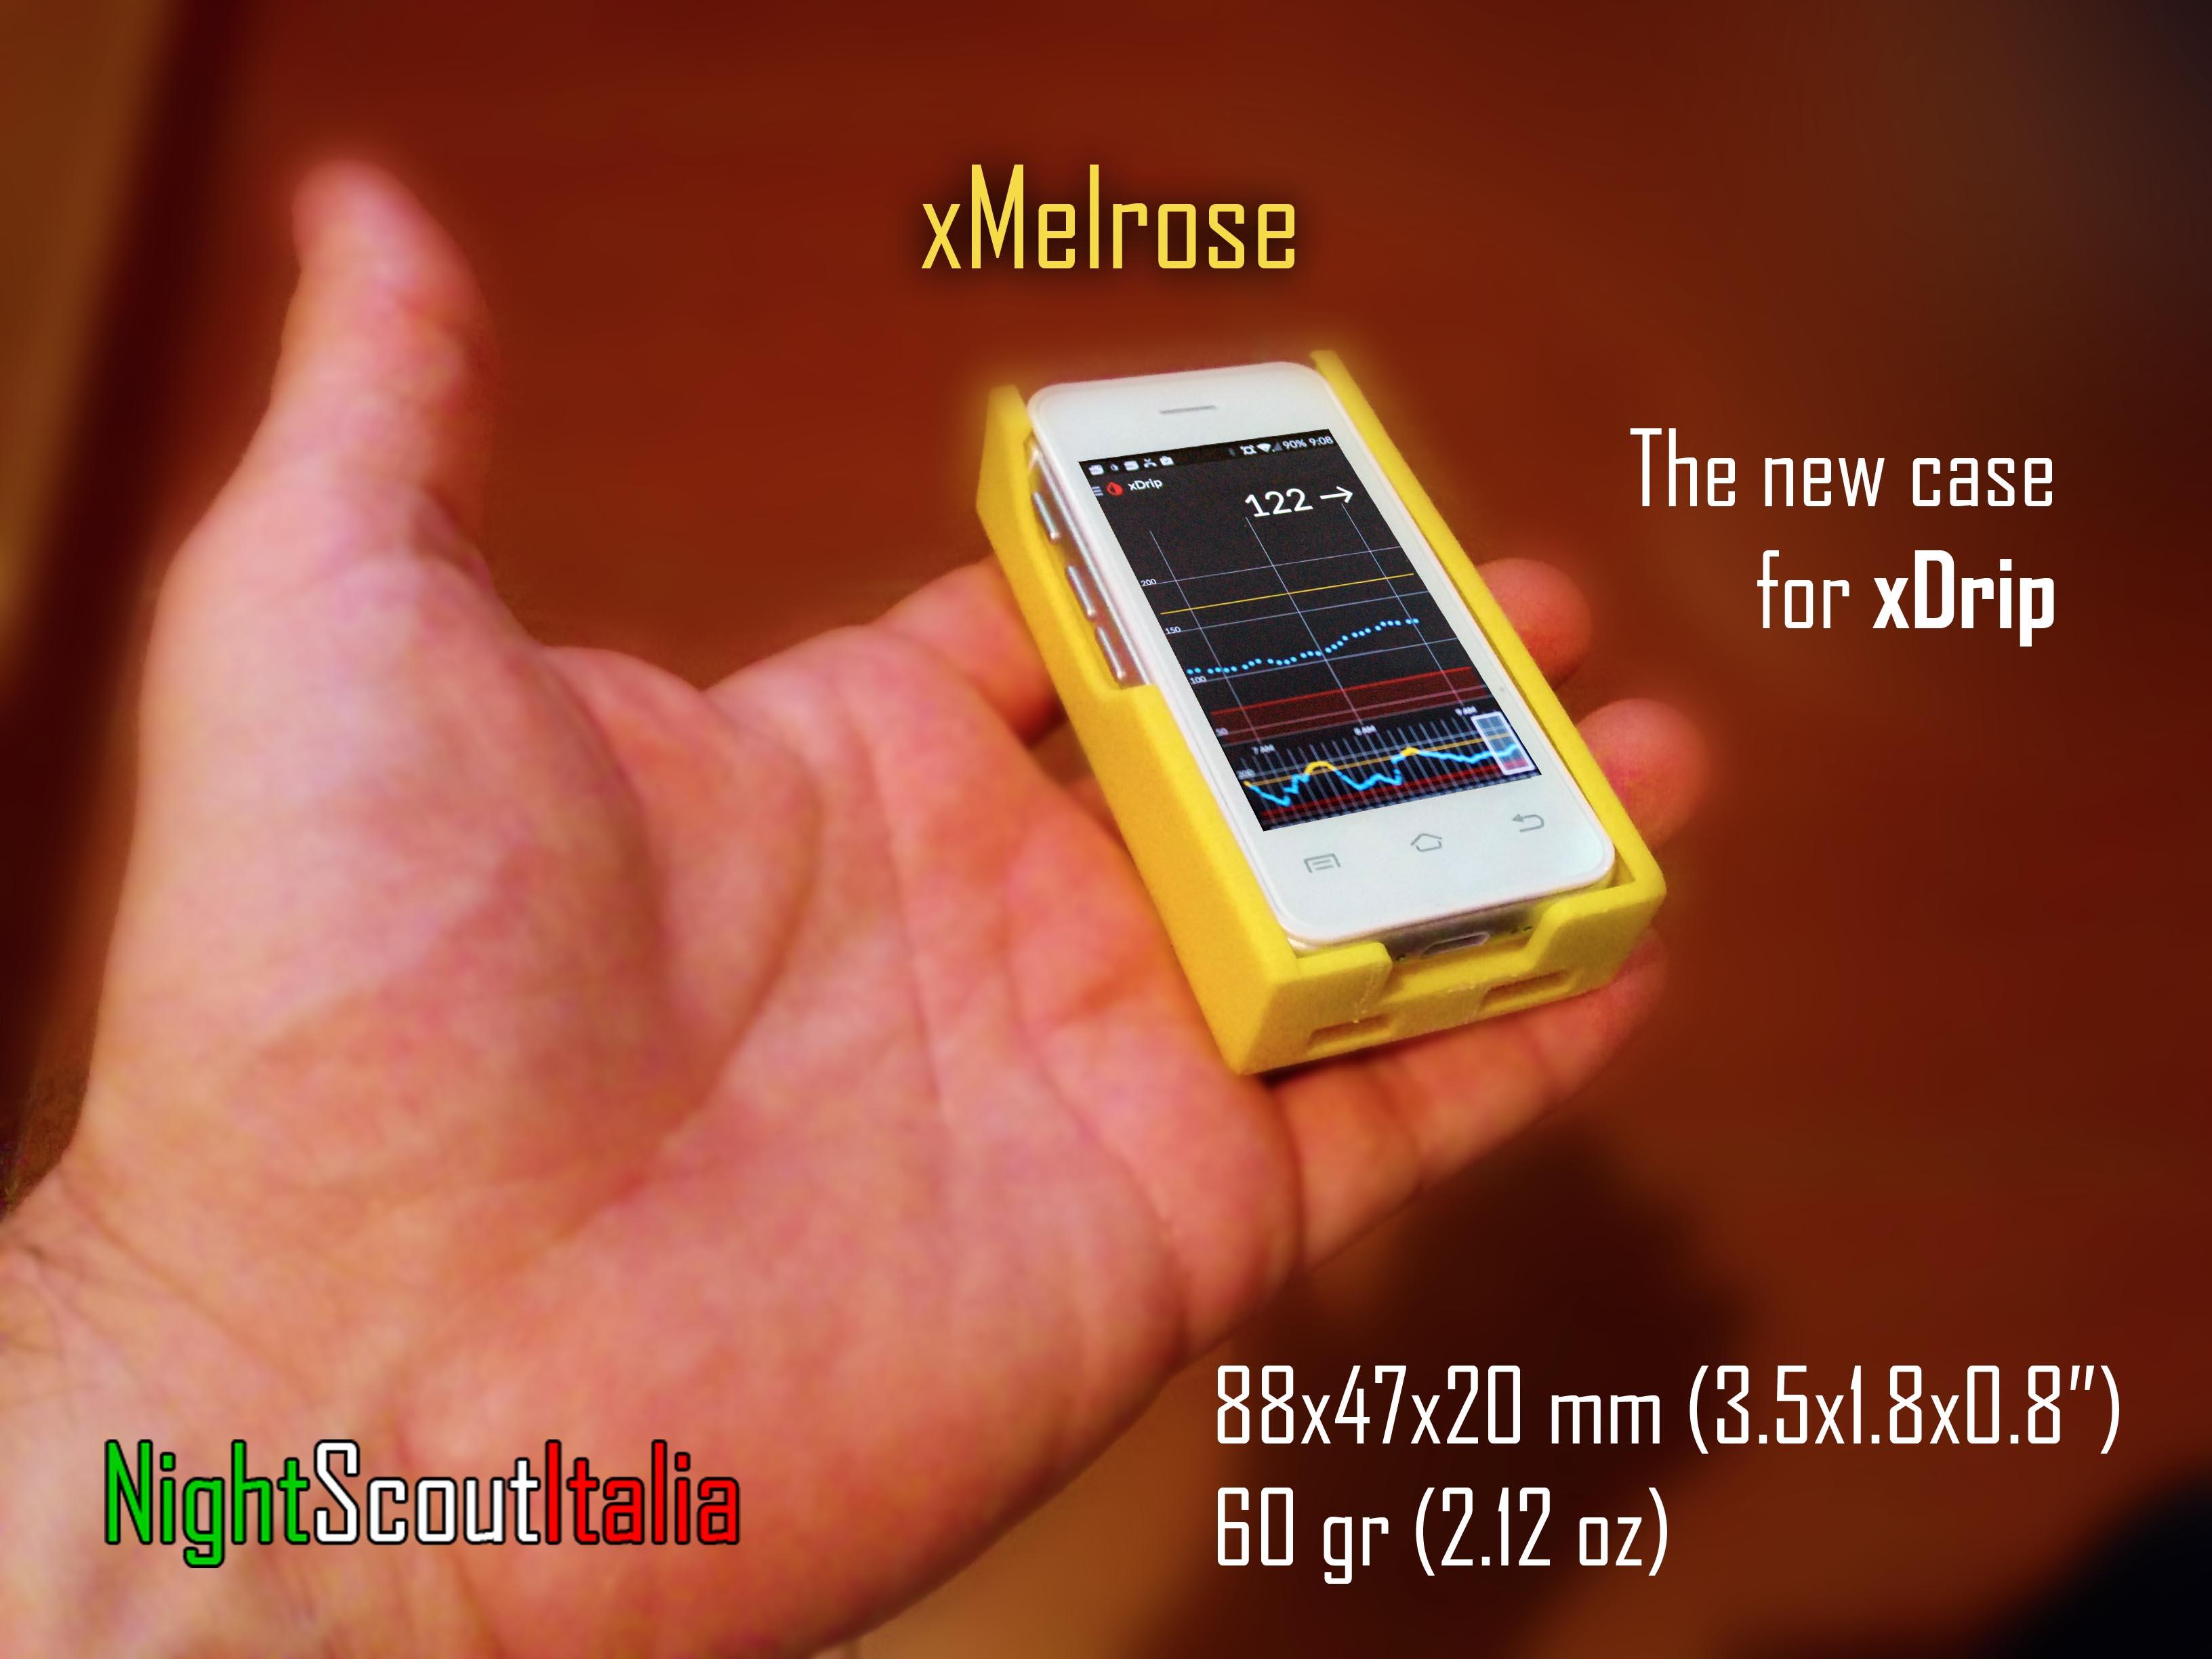 xMelrose - xDrip con un mini smartphone